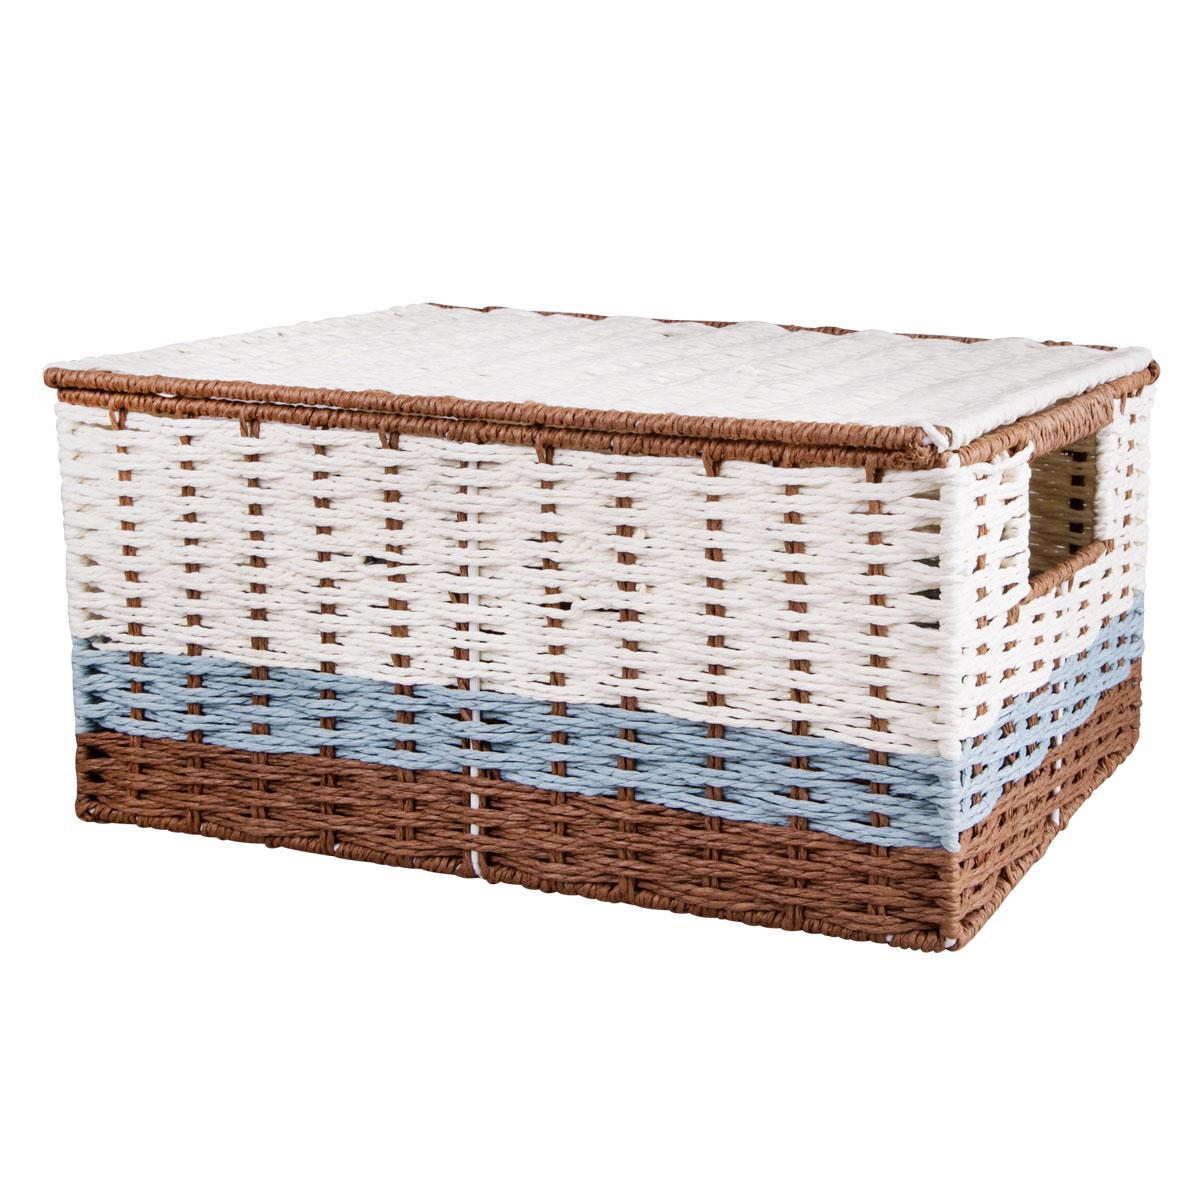 """Вместительная плетеная корзина для хранения """"Miolla"""" - отличное решение для хранения. Корзина имеет жесткую конструкцию, снабжена ручками и крышкой. Подходит для хранения бытовых вещей, аксессуаров для рукоделия и других вещей дома и на даче. Экономьте полезное пространство своего дома, уберите ненужные вещи в удобную корзину и используйте ее для хранения дорогих сердцу вещей, которые нужно сберечь в целости и сохранности."""